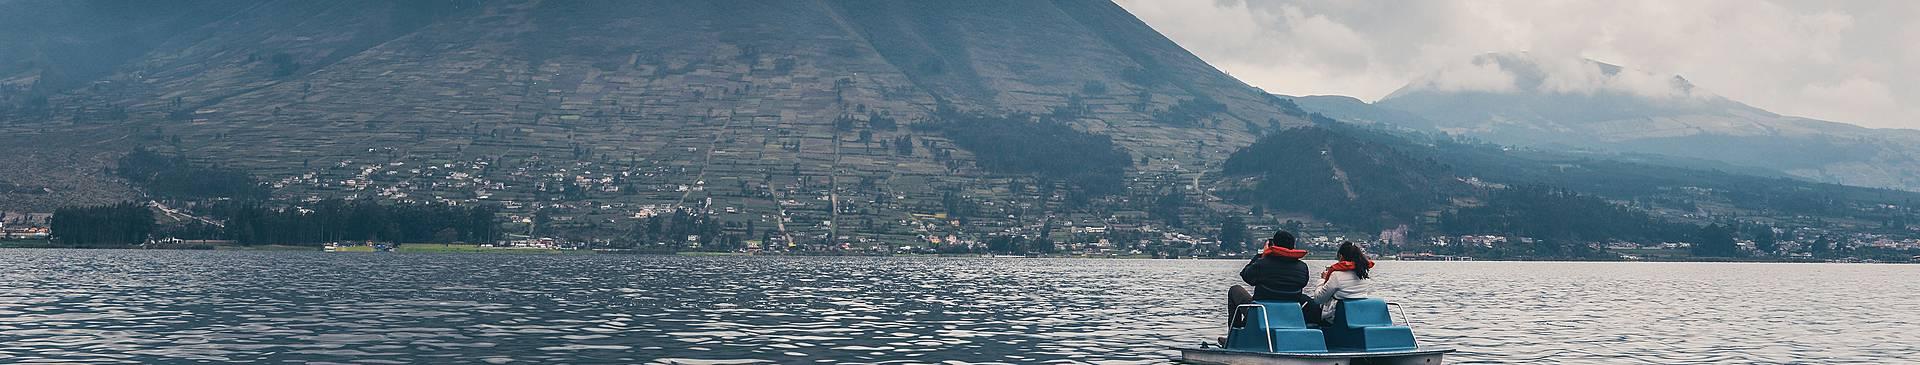 Voyage de noces en Equateur